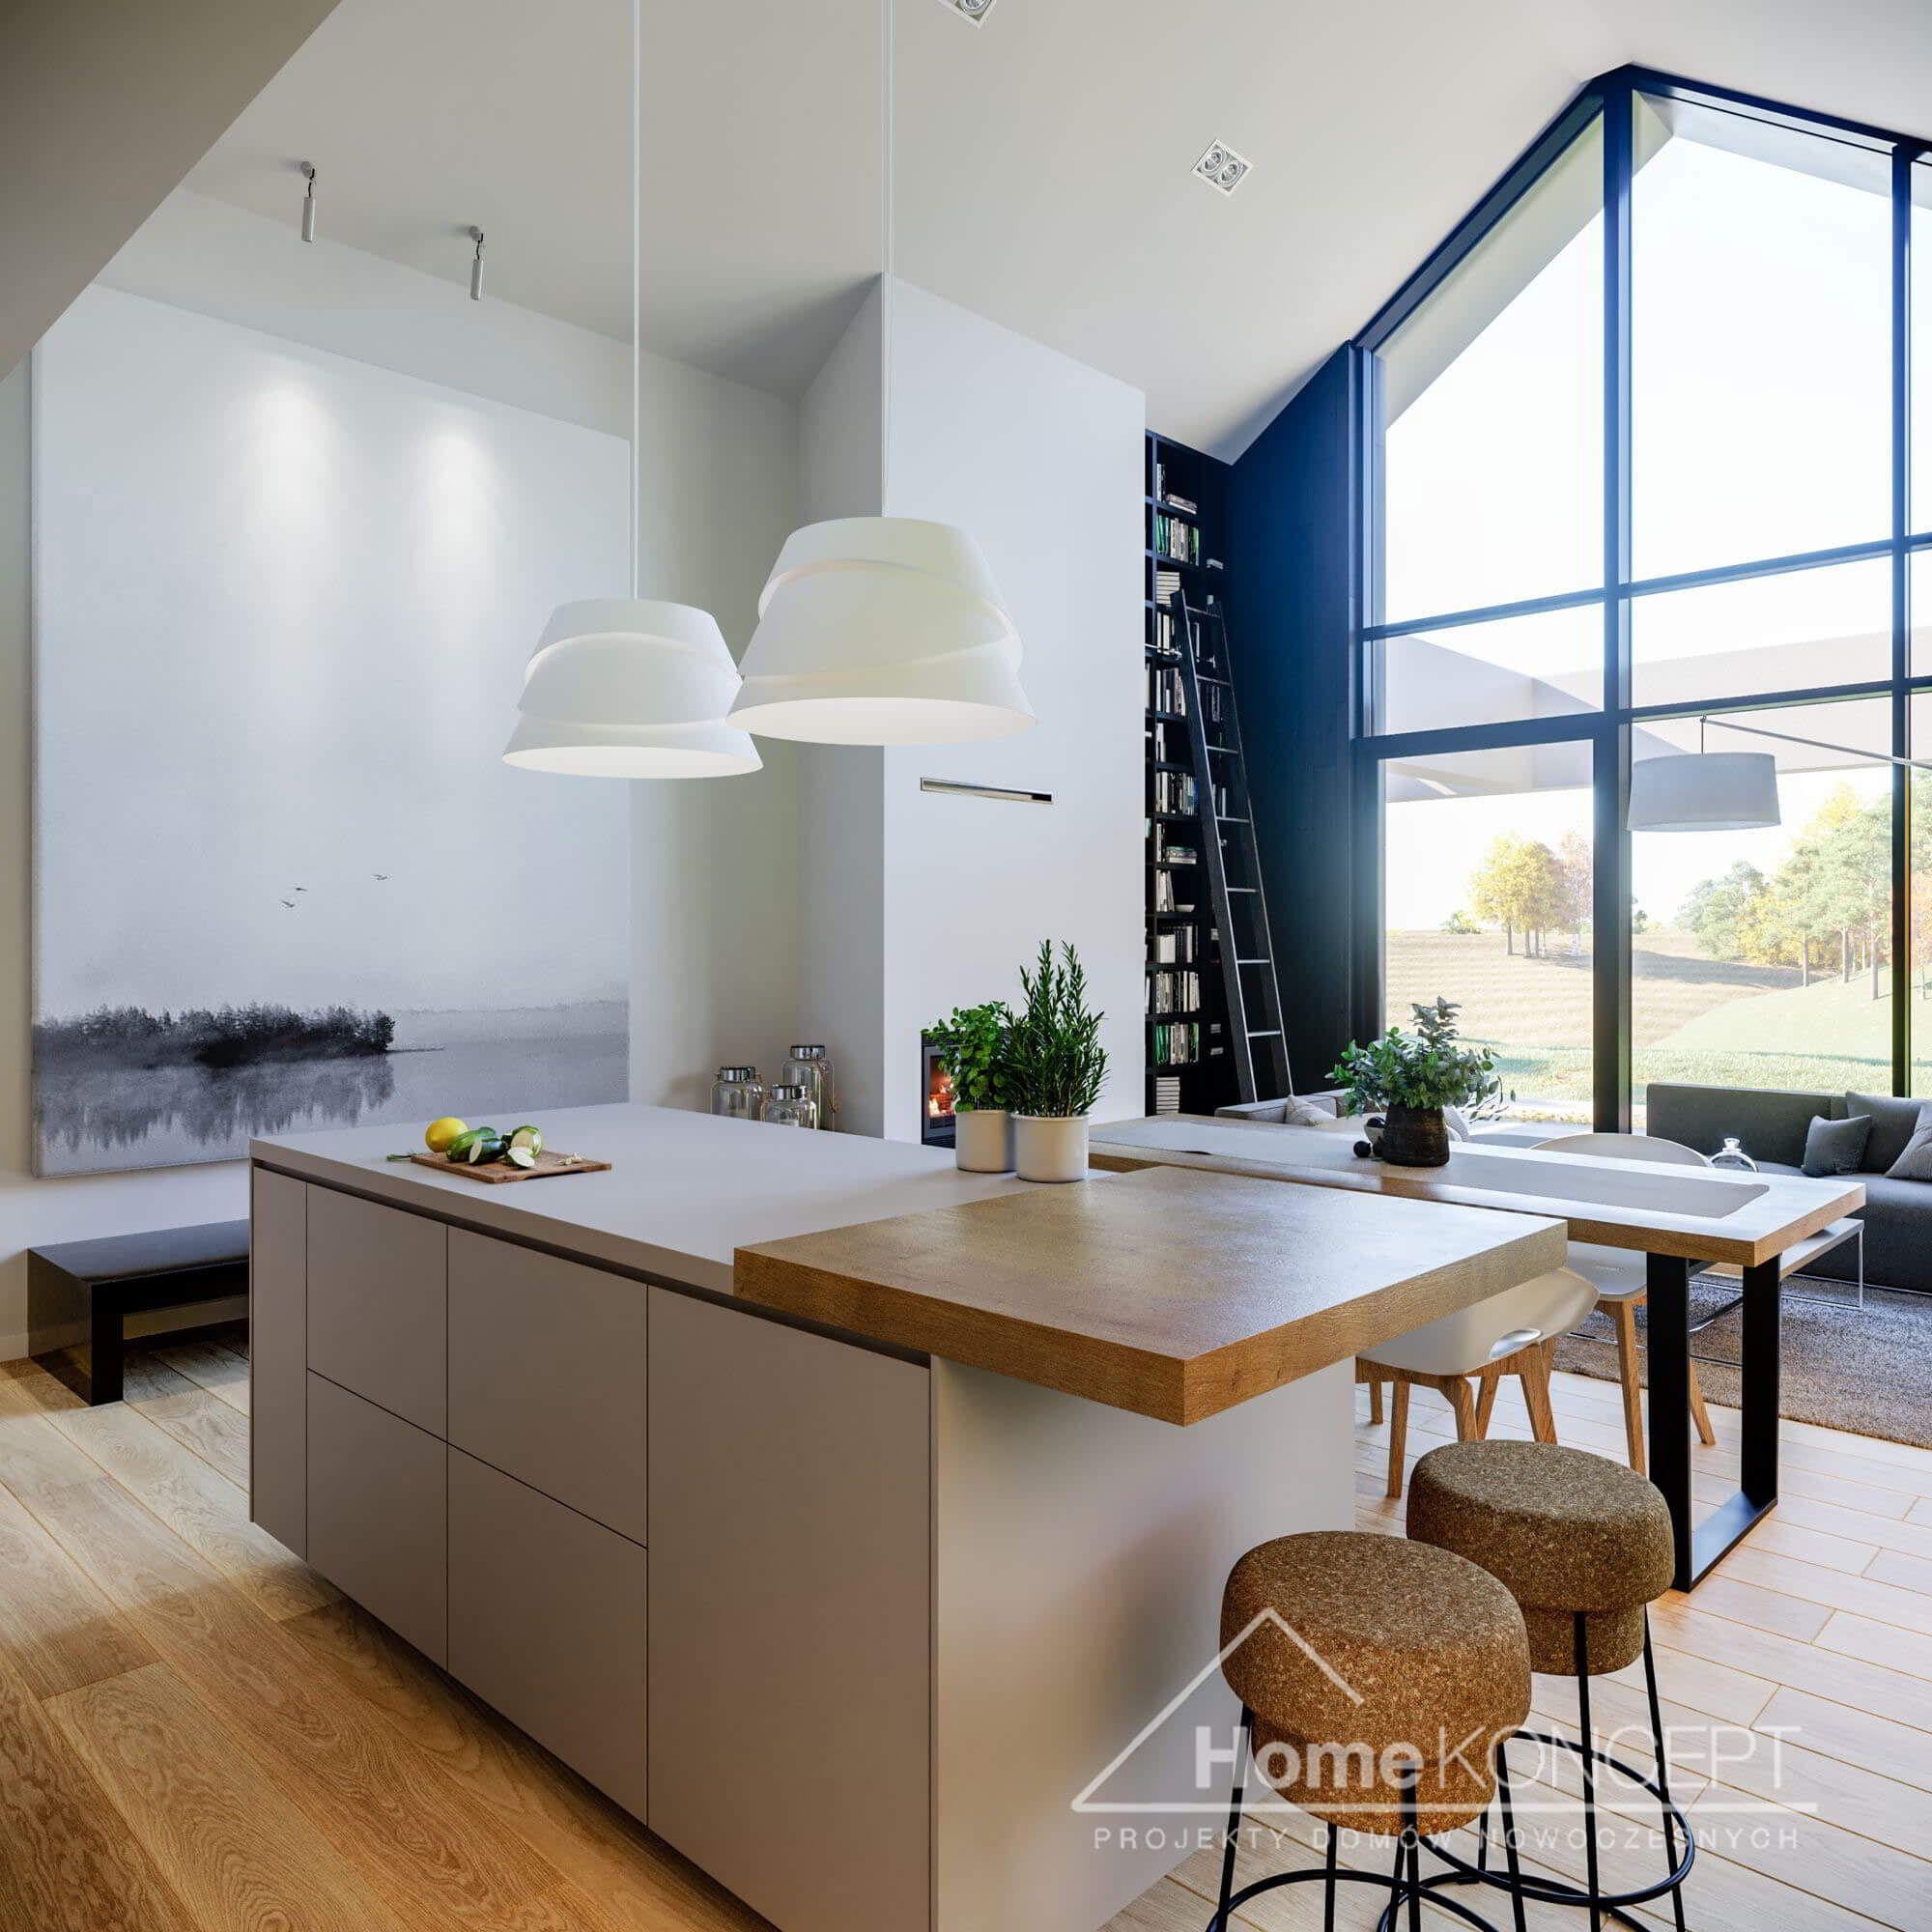 Homekoncept Home Decor Home Kitchen